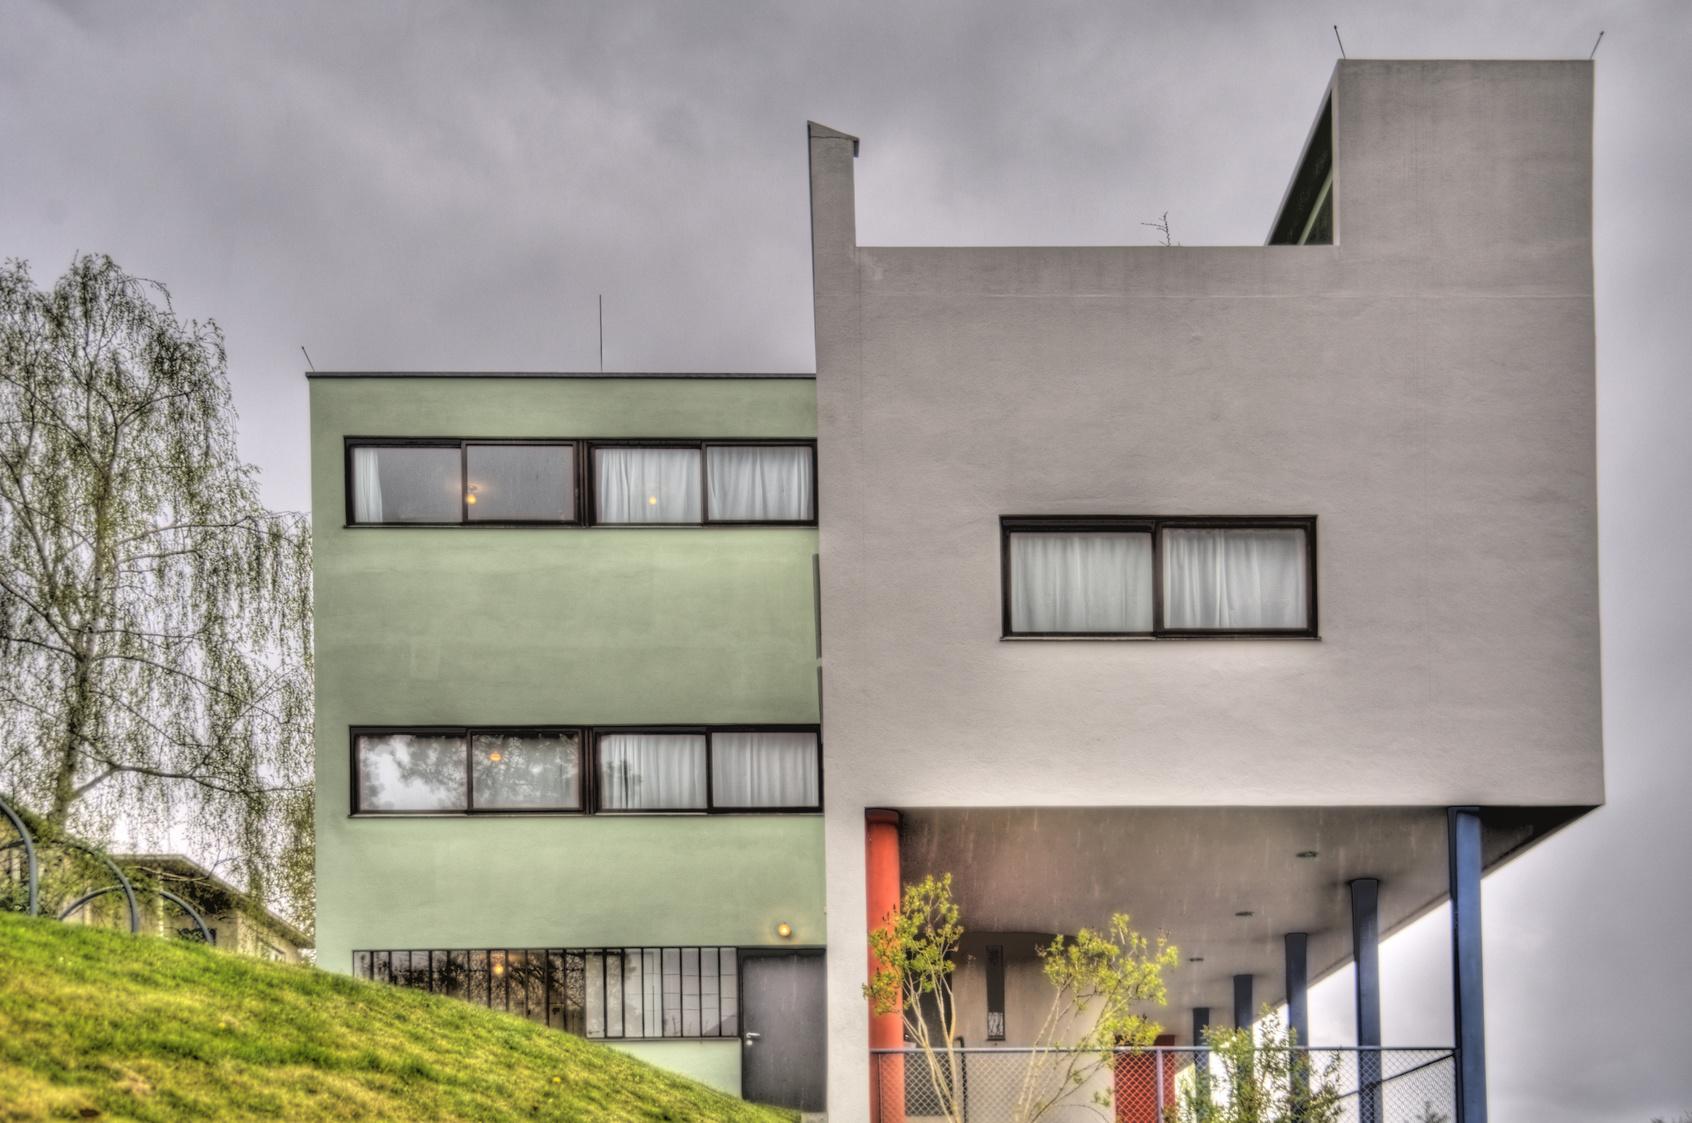 wohnen morgen neues bauen in berlin zitty. Black Bedroom Furniture Sets. Home Design Ideas